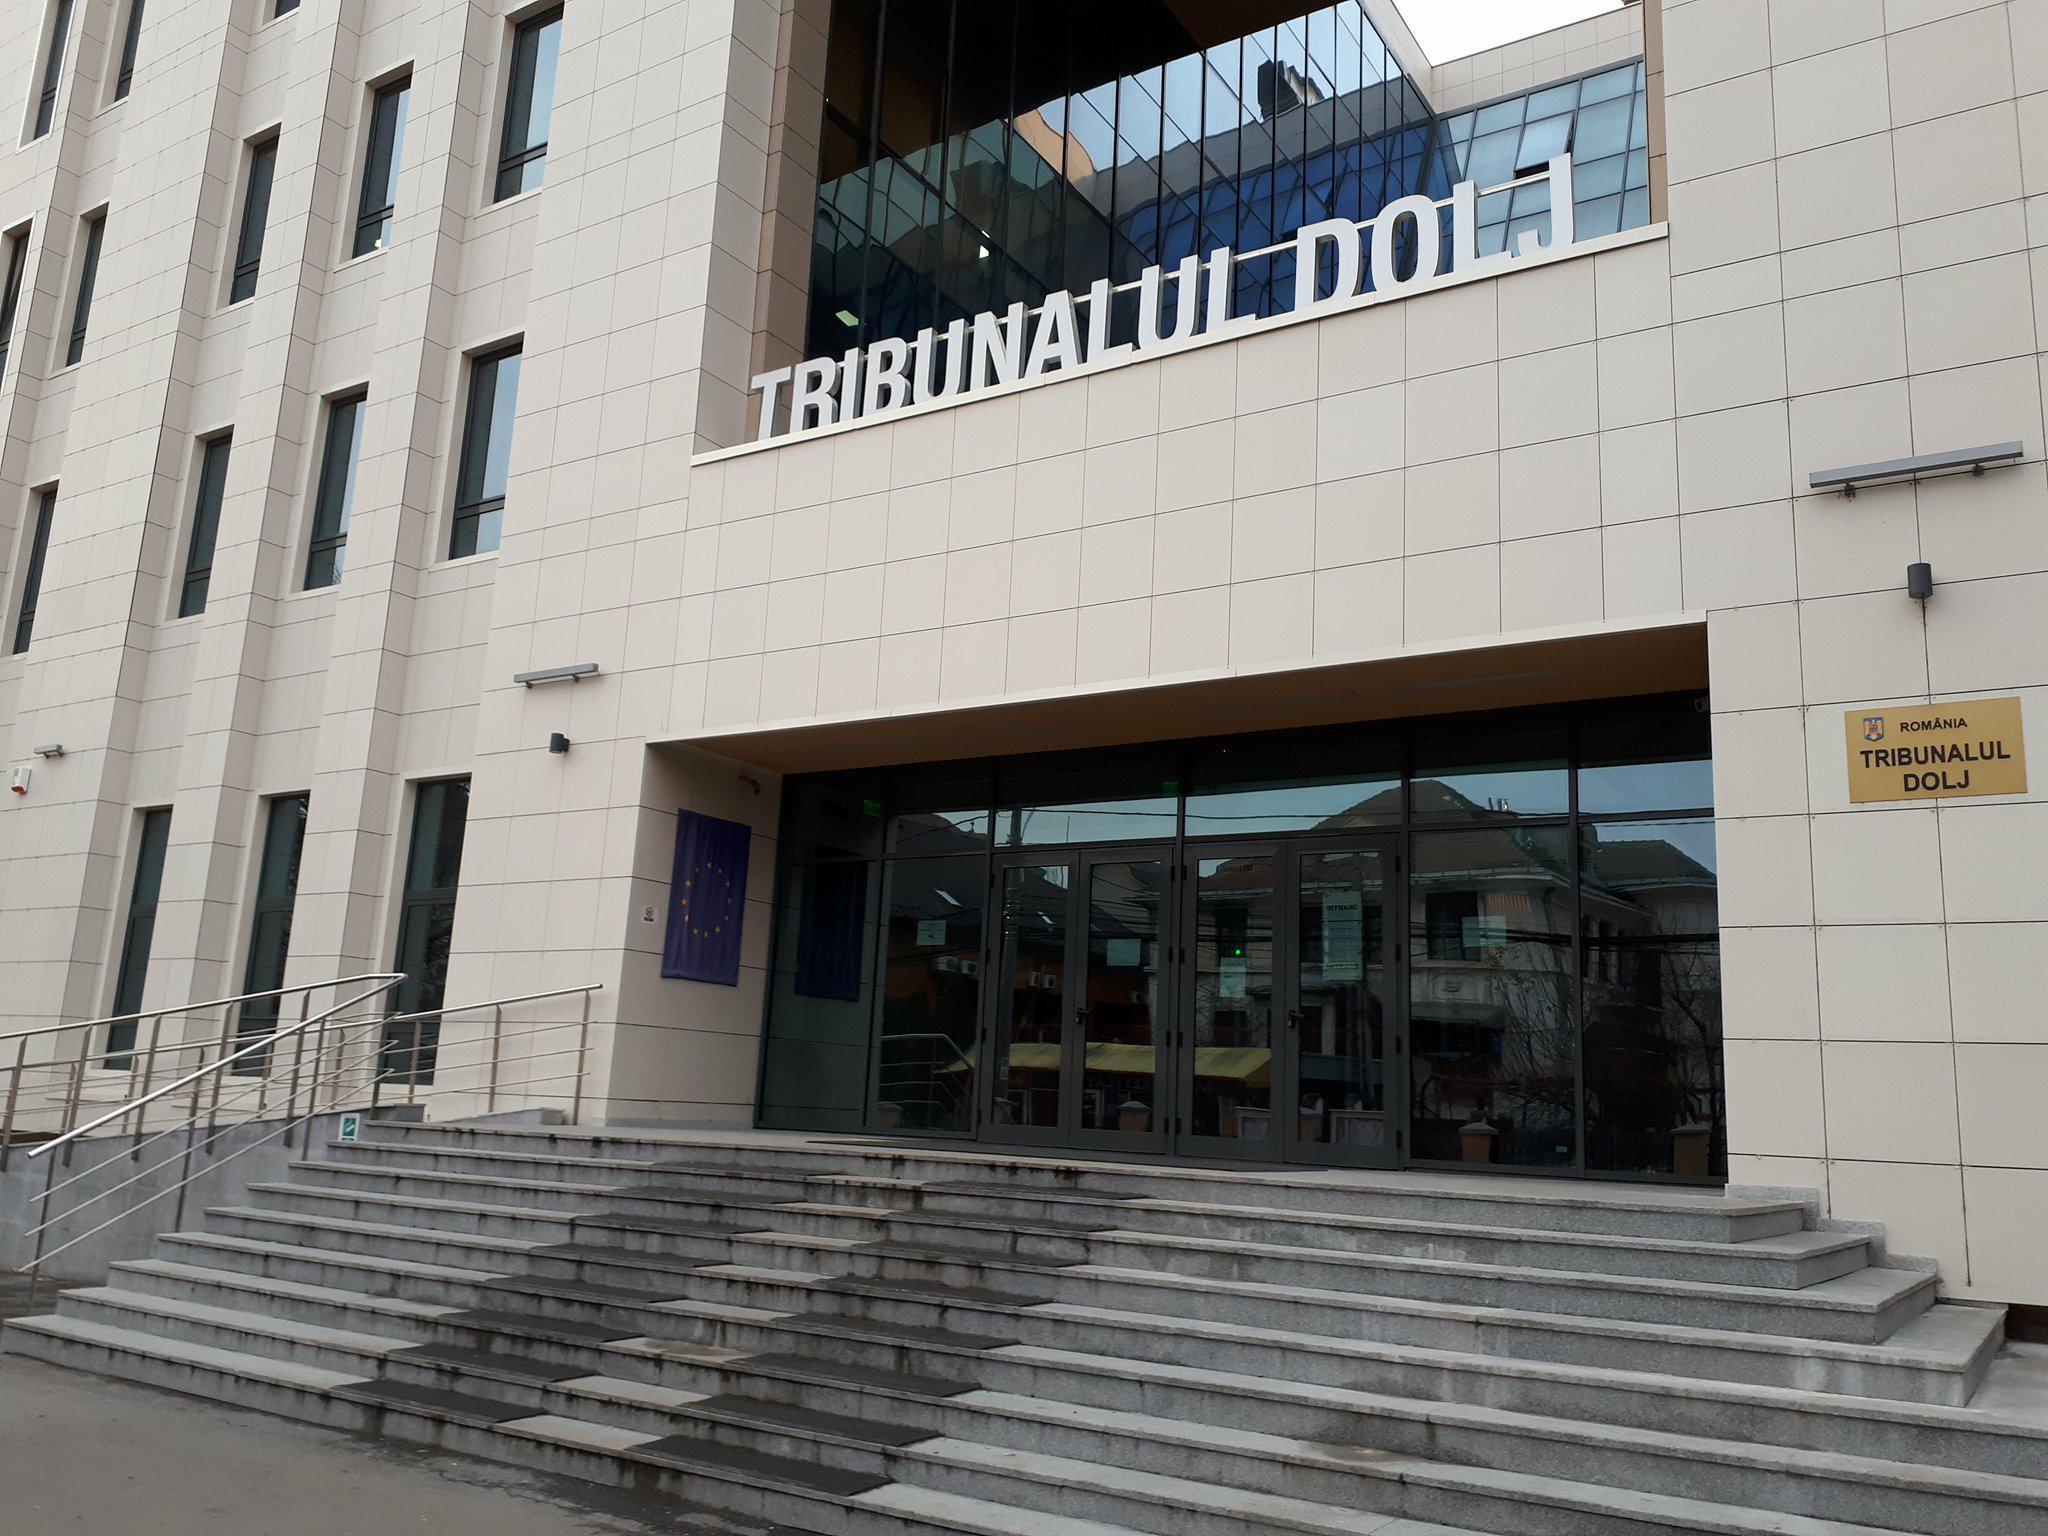 O nouă amânare în procesul rețelei de traficanți de persoane, coordonată de patronul unui club de noapte din Craiova